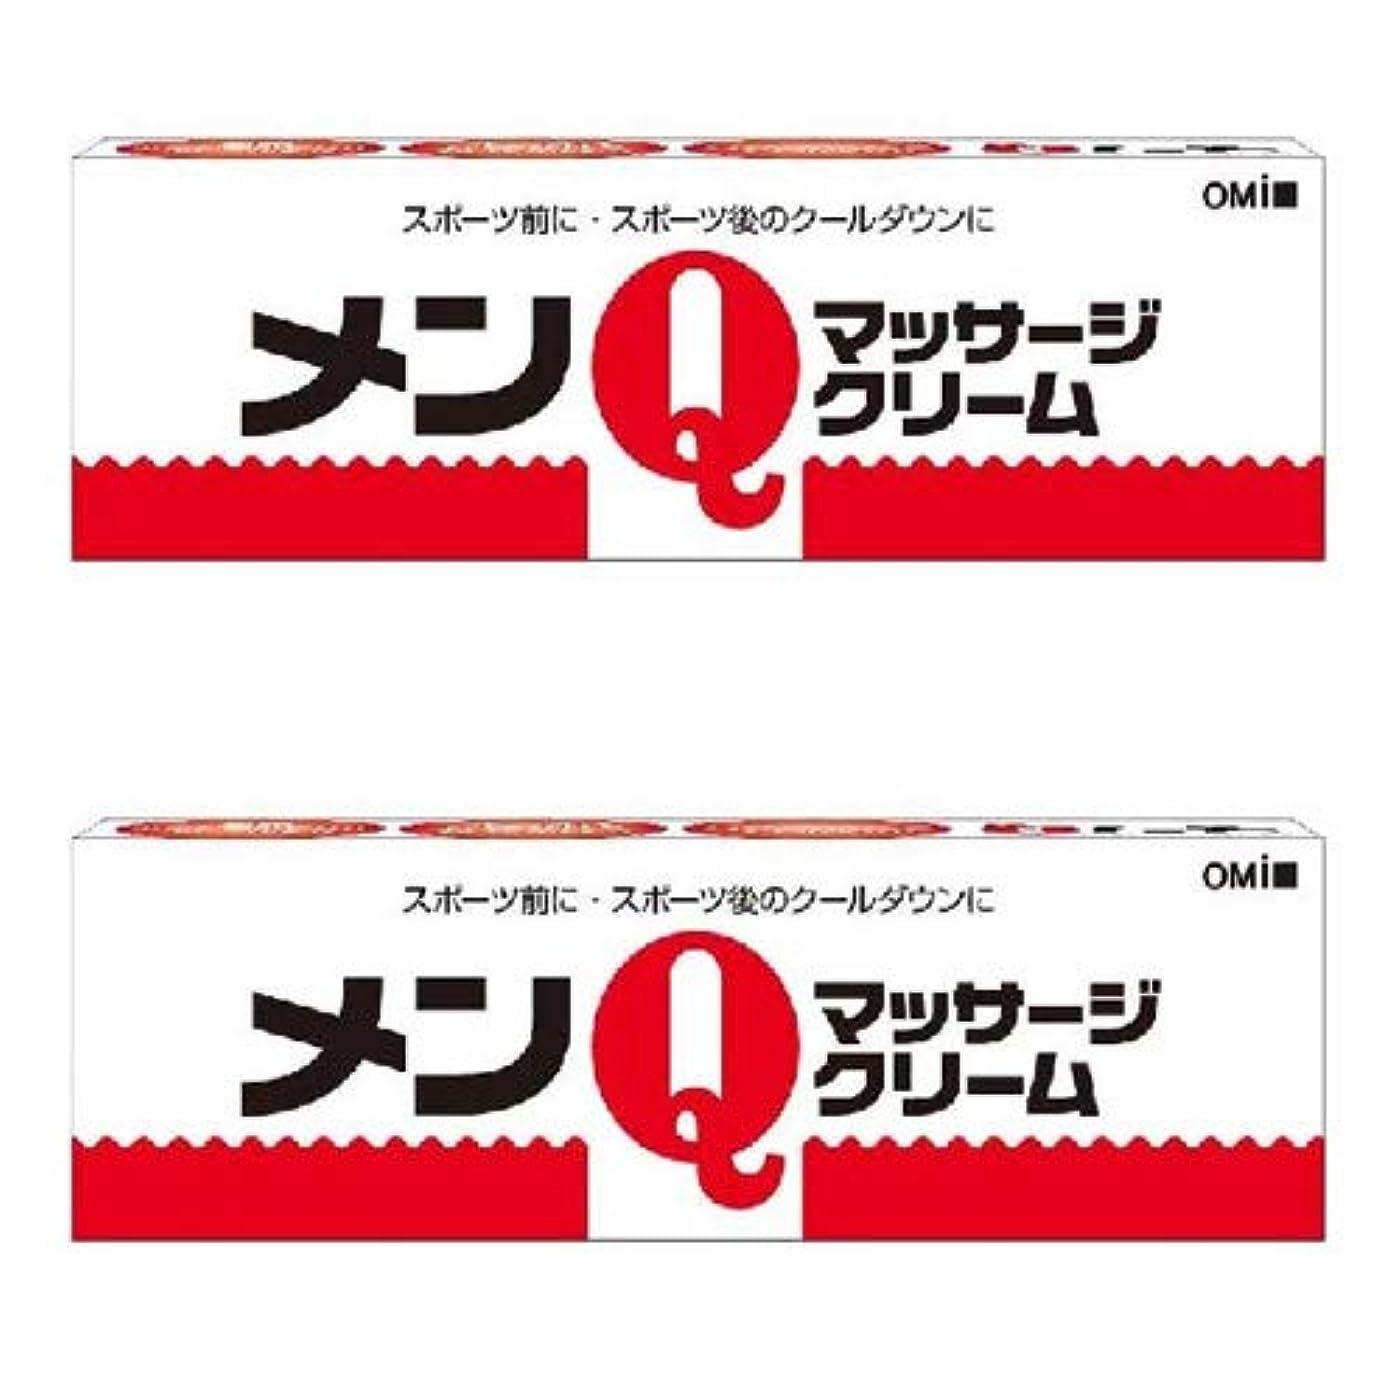 副詞リネン精神的に近江兄弟社 メンQマッサージクリーム 65g×2個セット